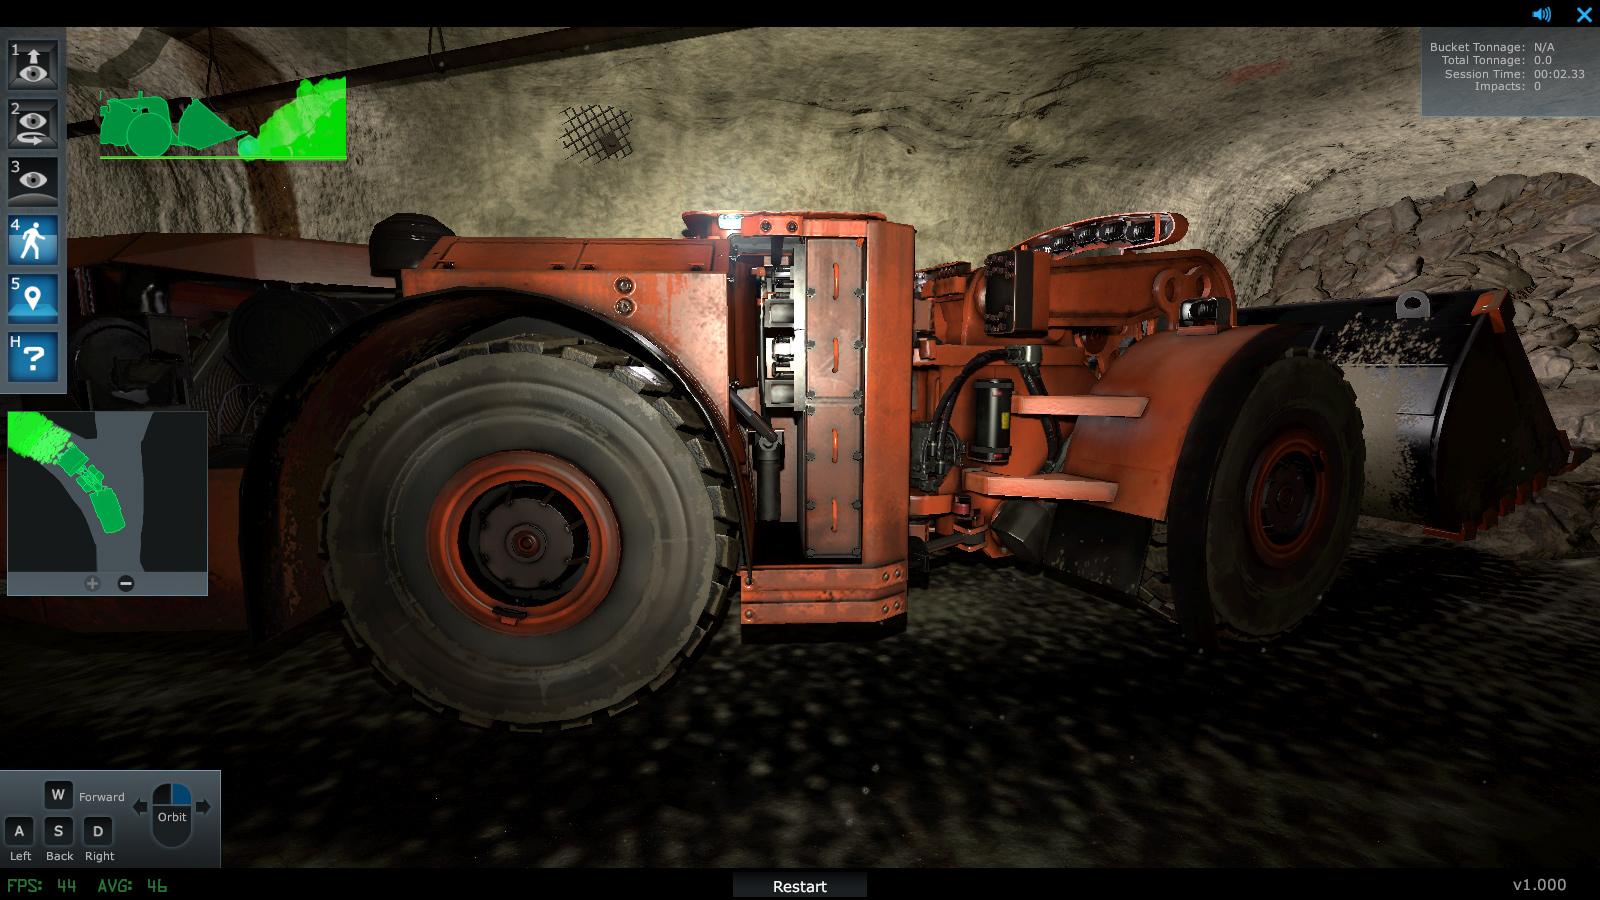 Komatsu Mining Training Simulator